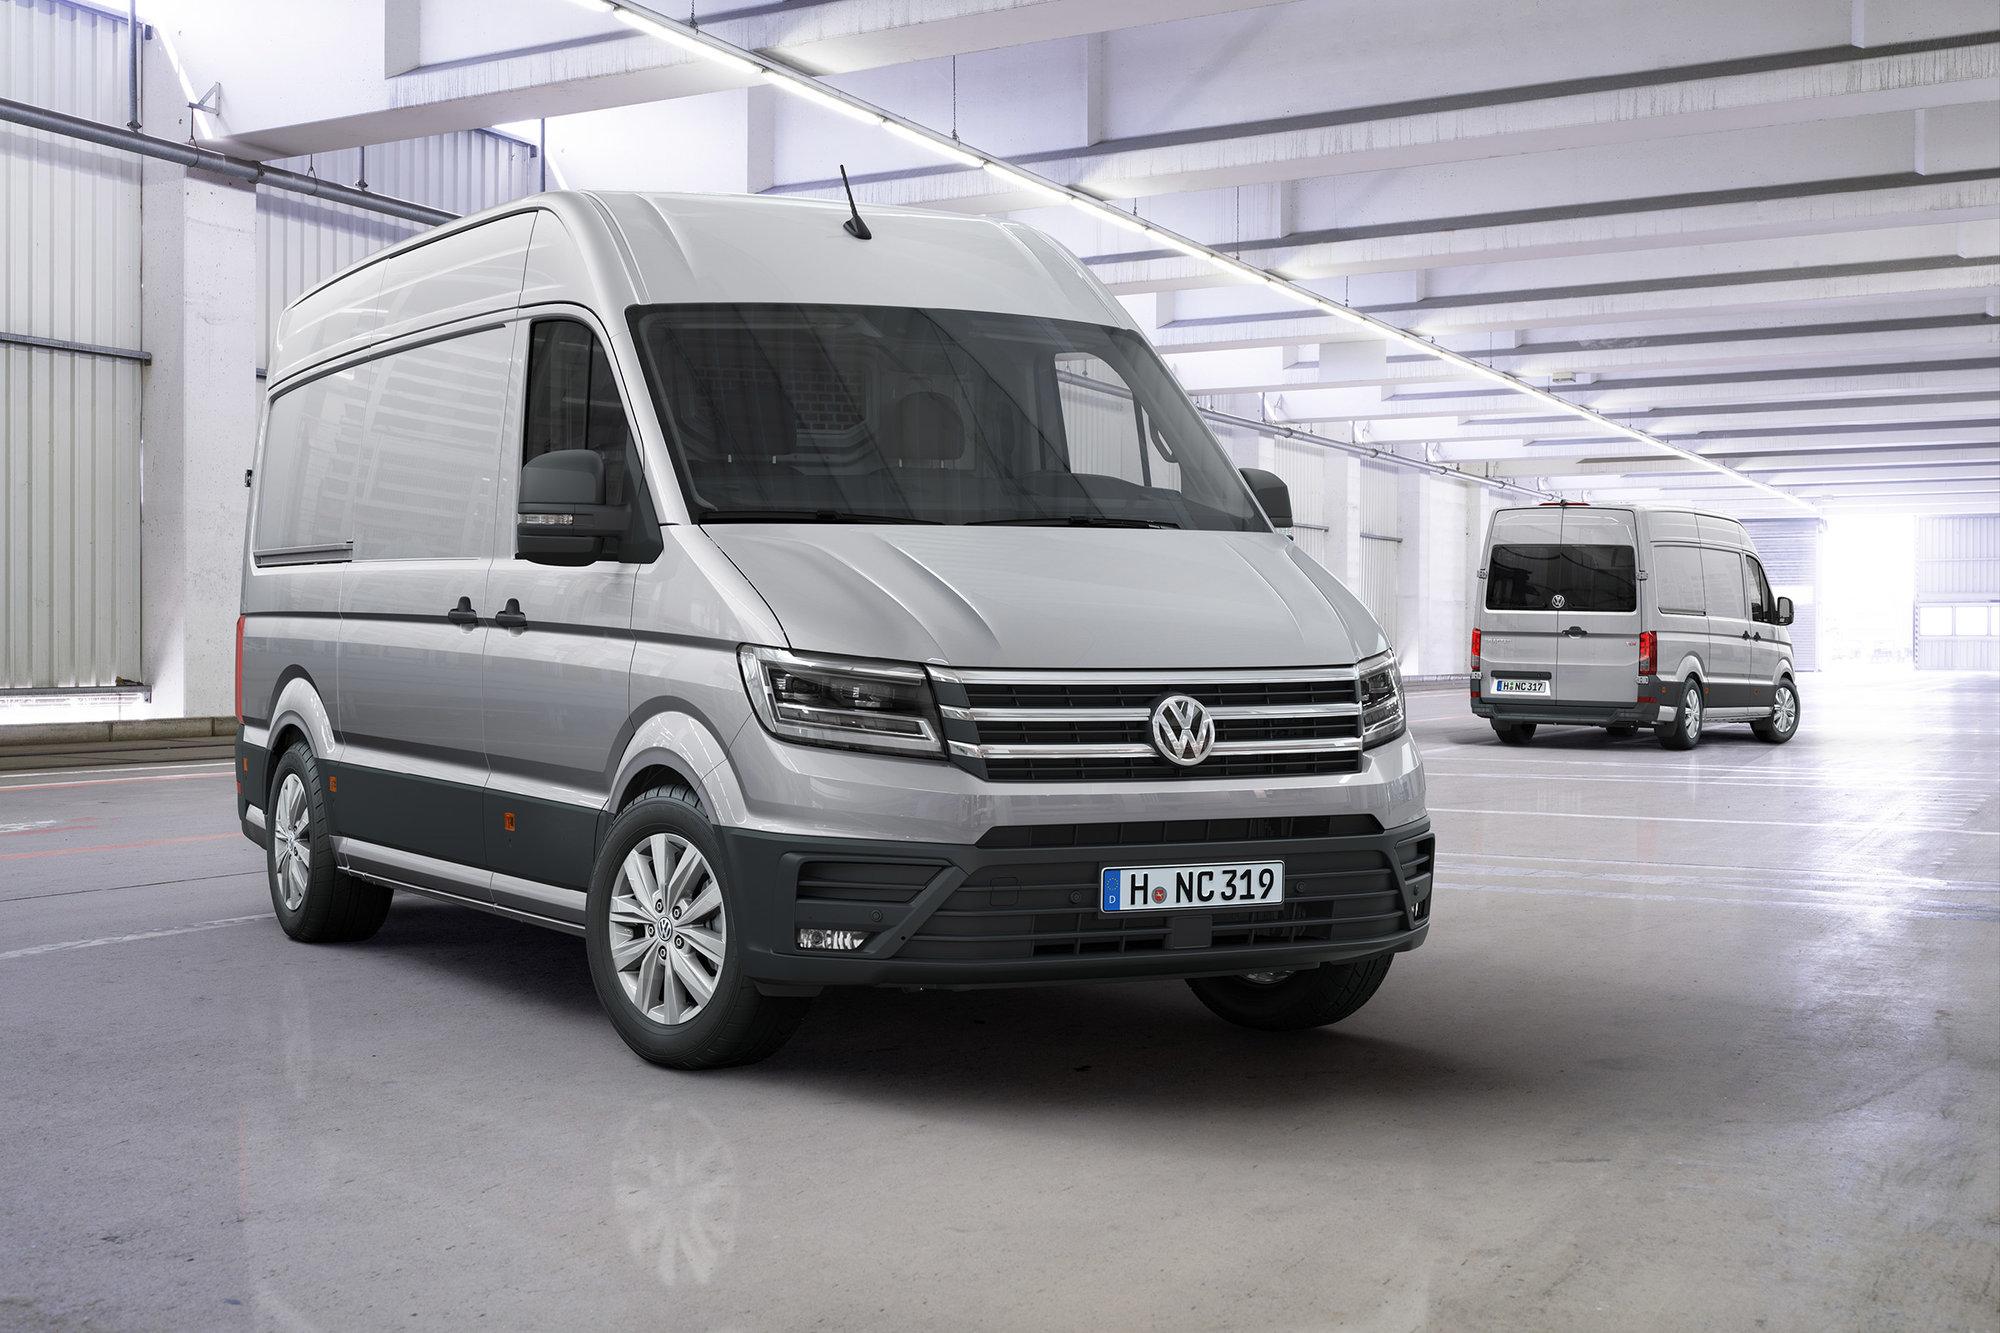 Osobní vůz mezi dodávkami, to je nový Volkswagen Crafter - anotační foto